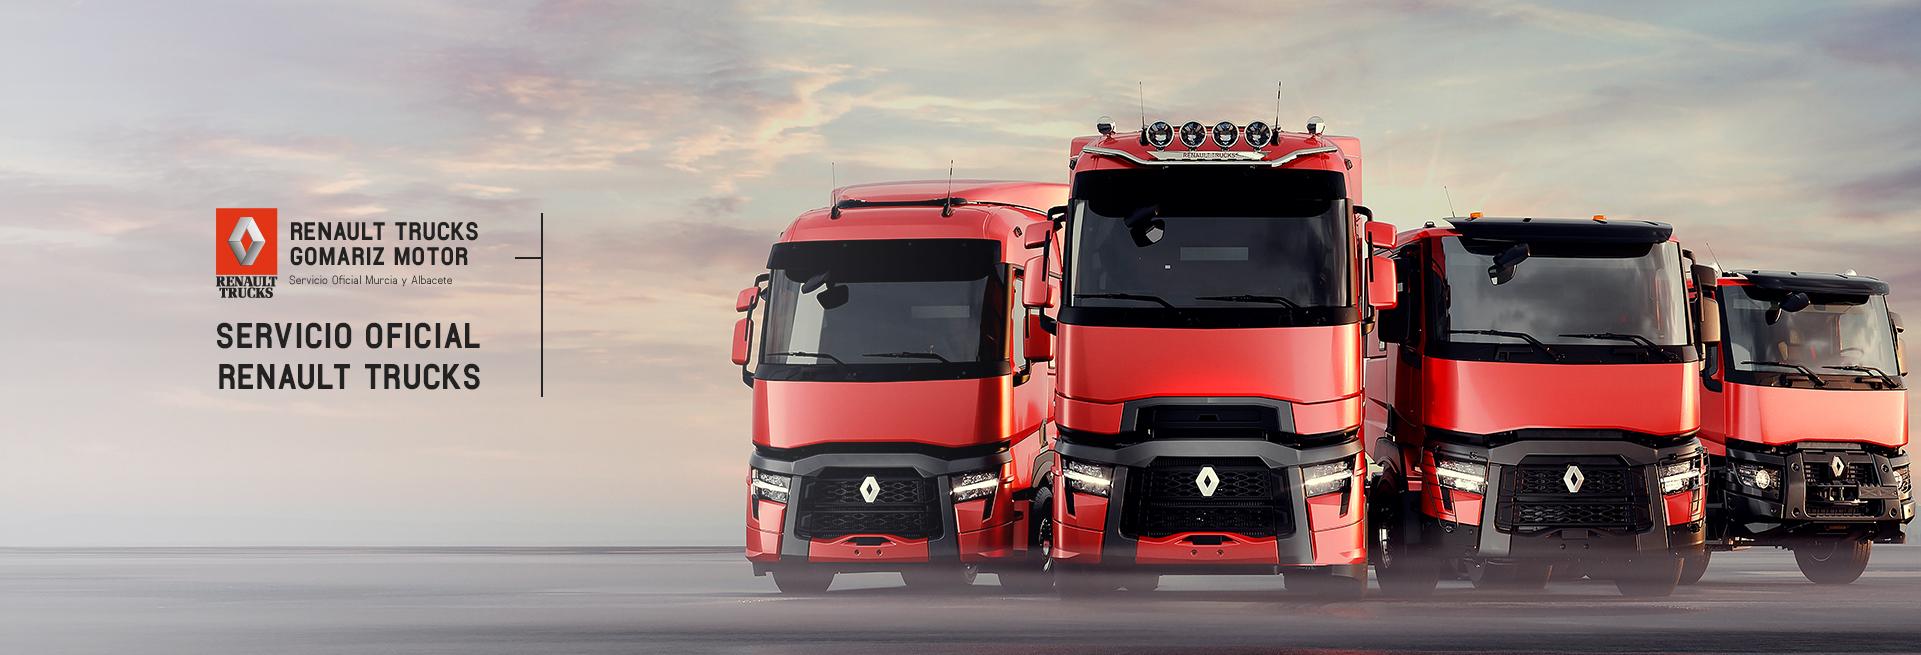 slider-renault trucks